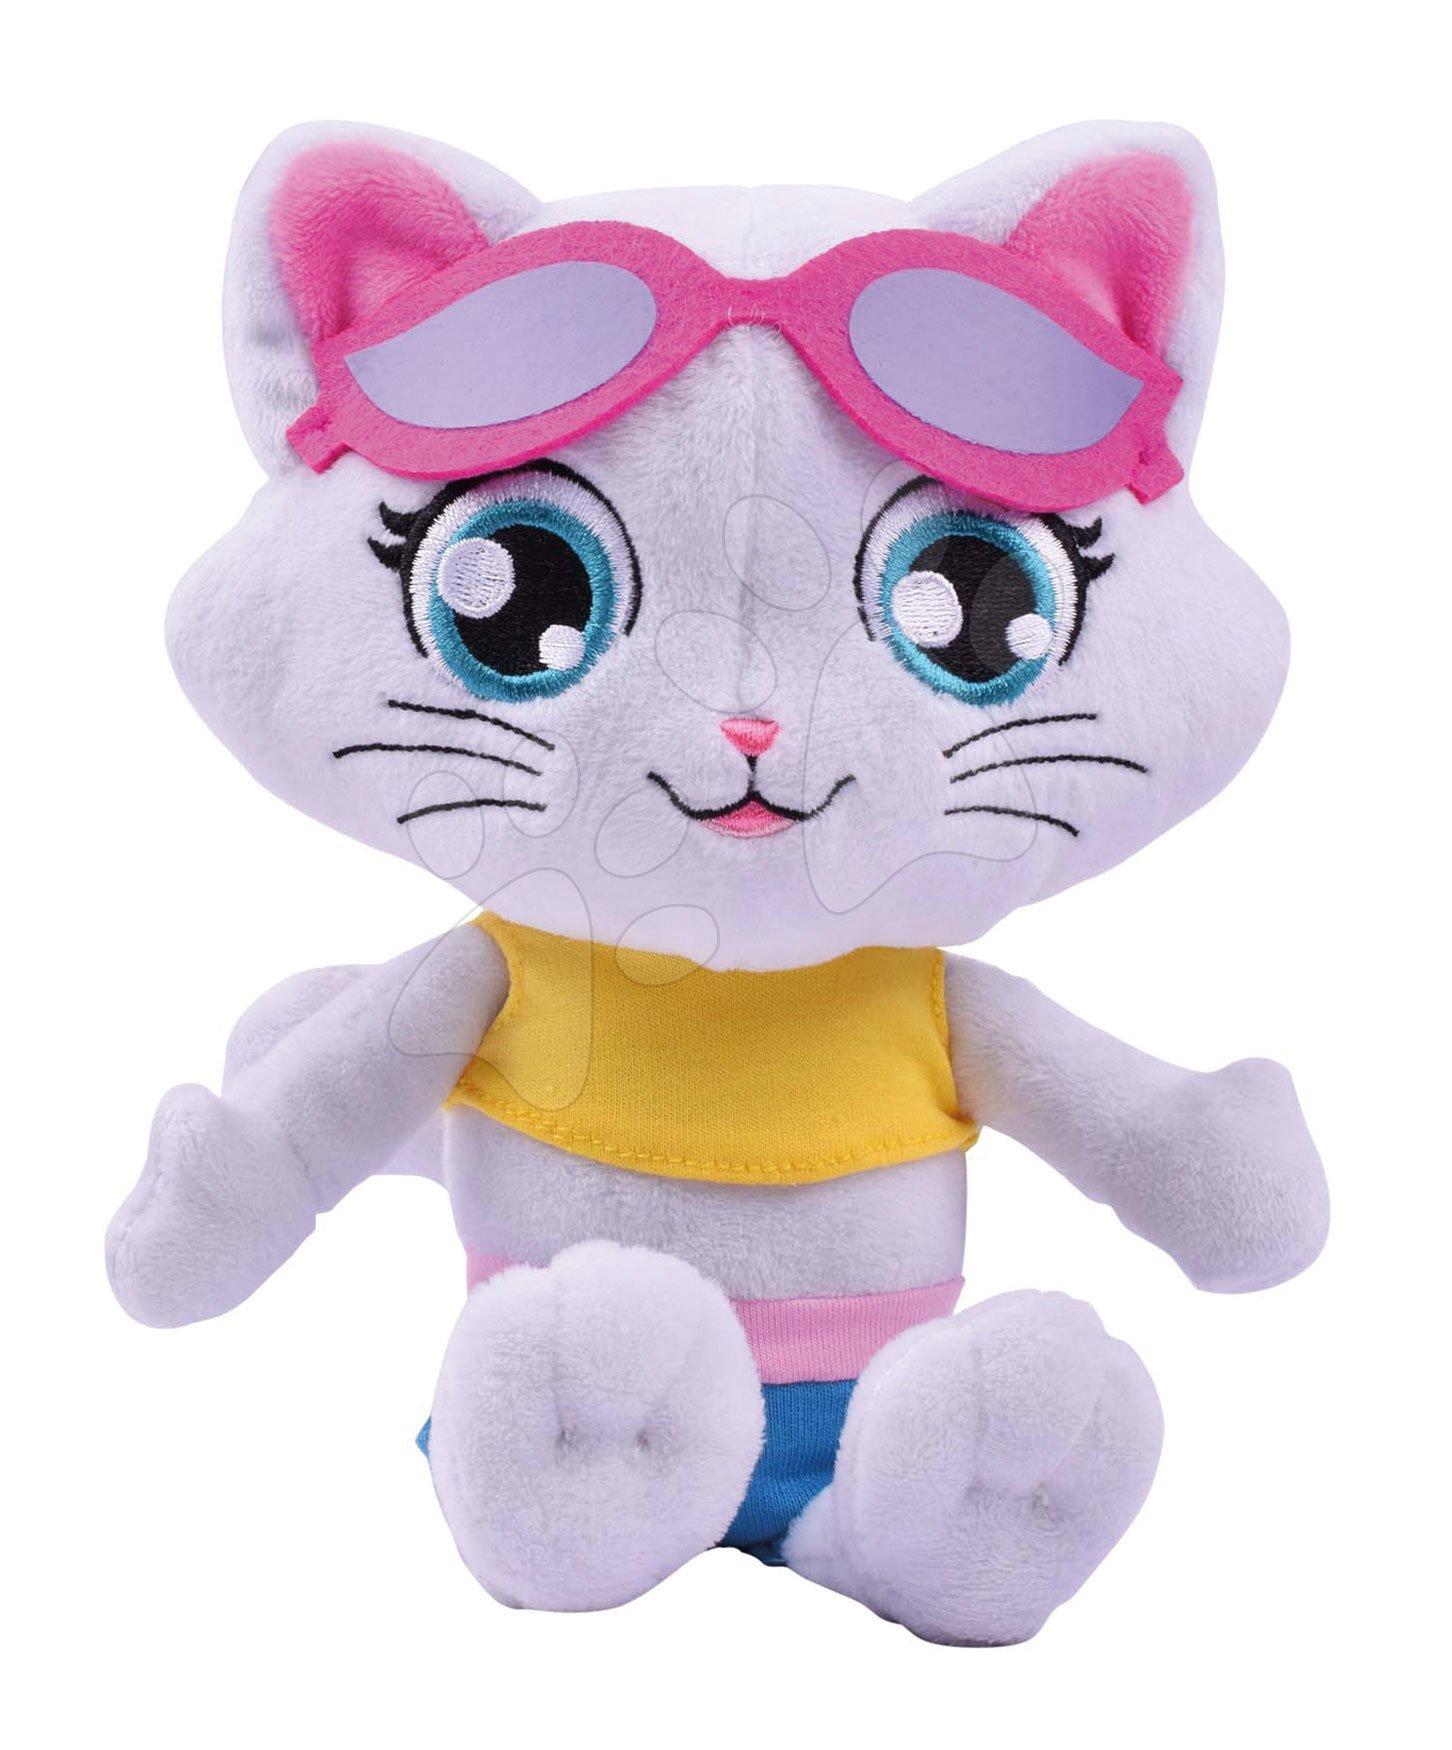 Plyšová kočka Milady 44 Cats Smoby hrající 21 cm pro nejmenší od 0 měsíců